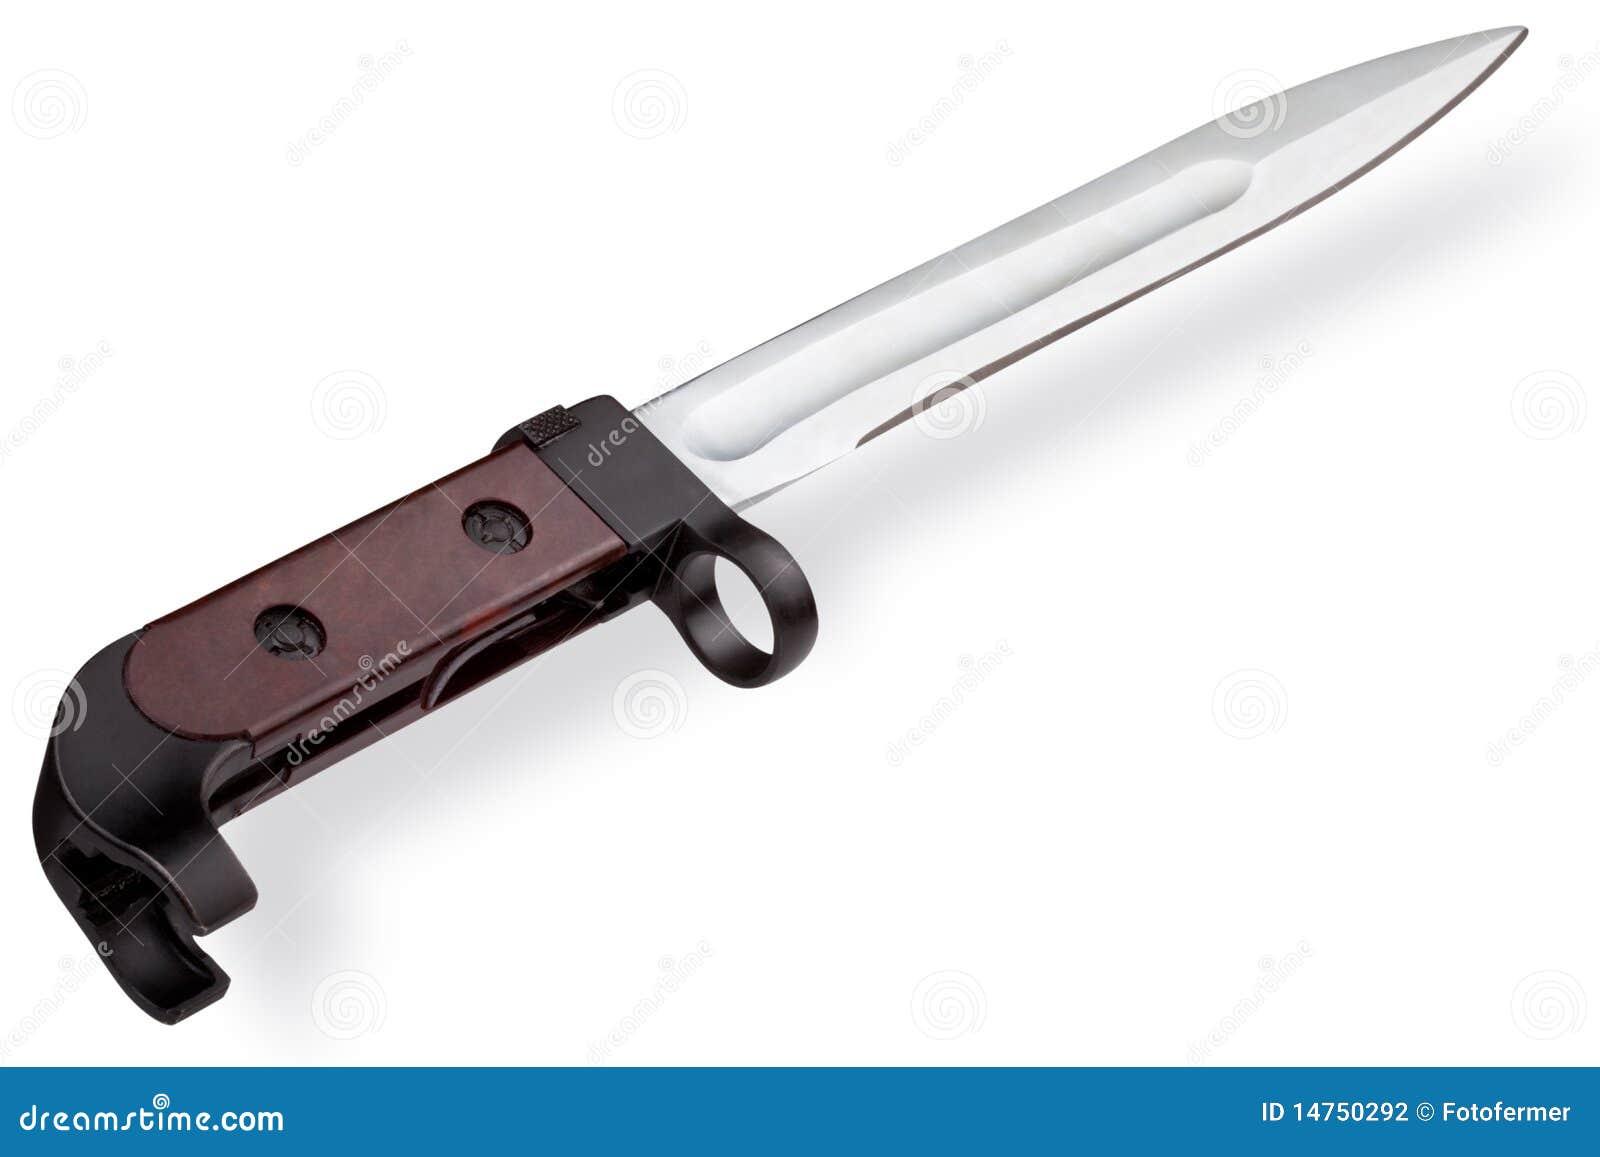 Russian bayonet